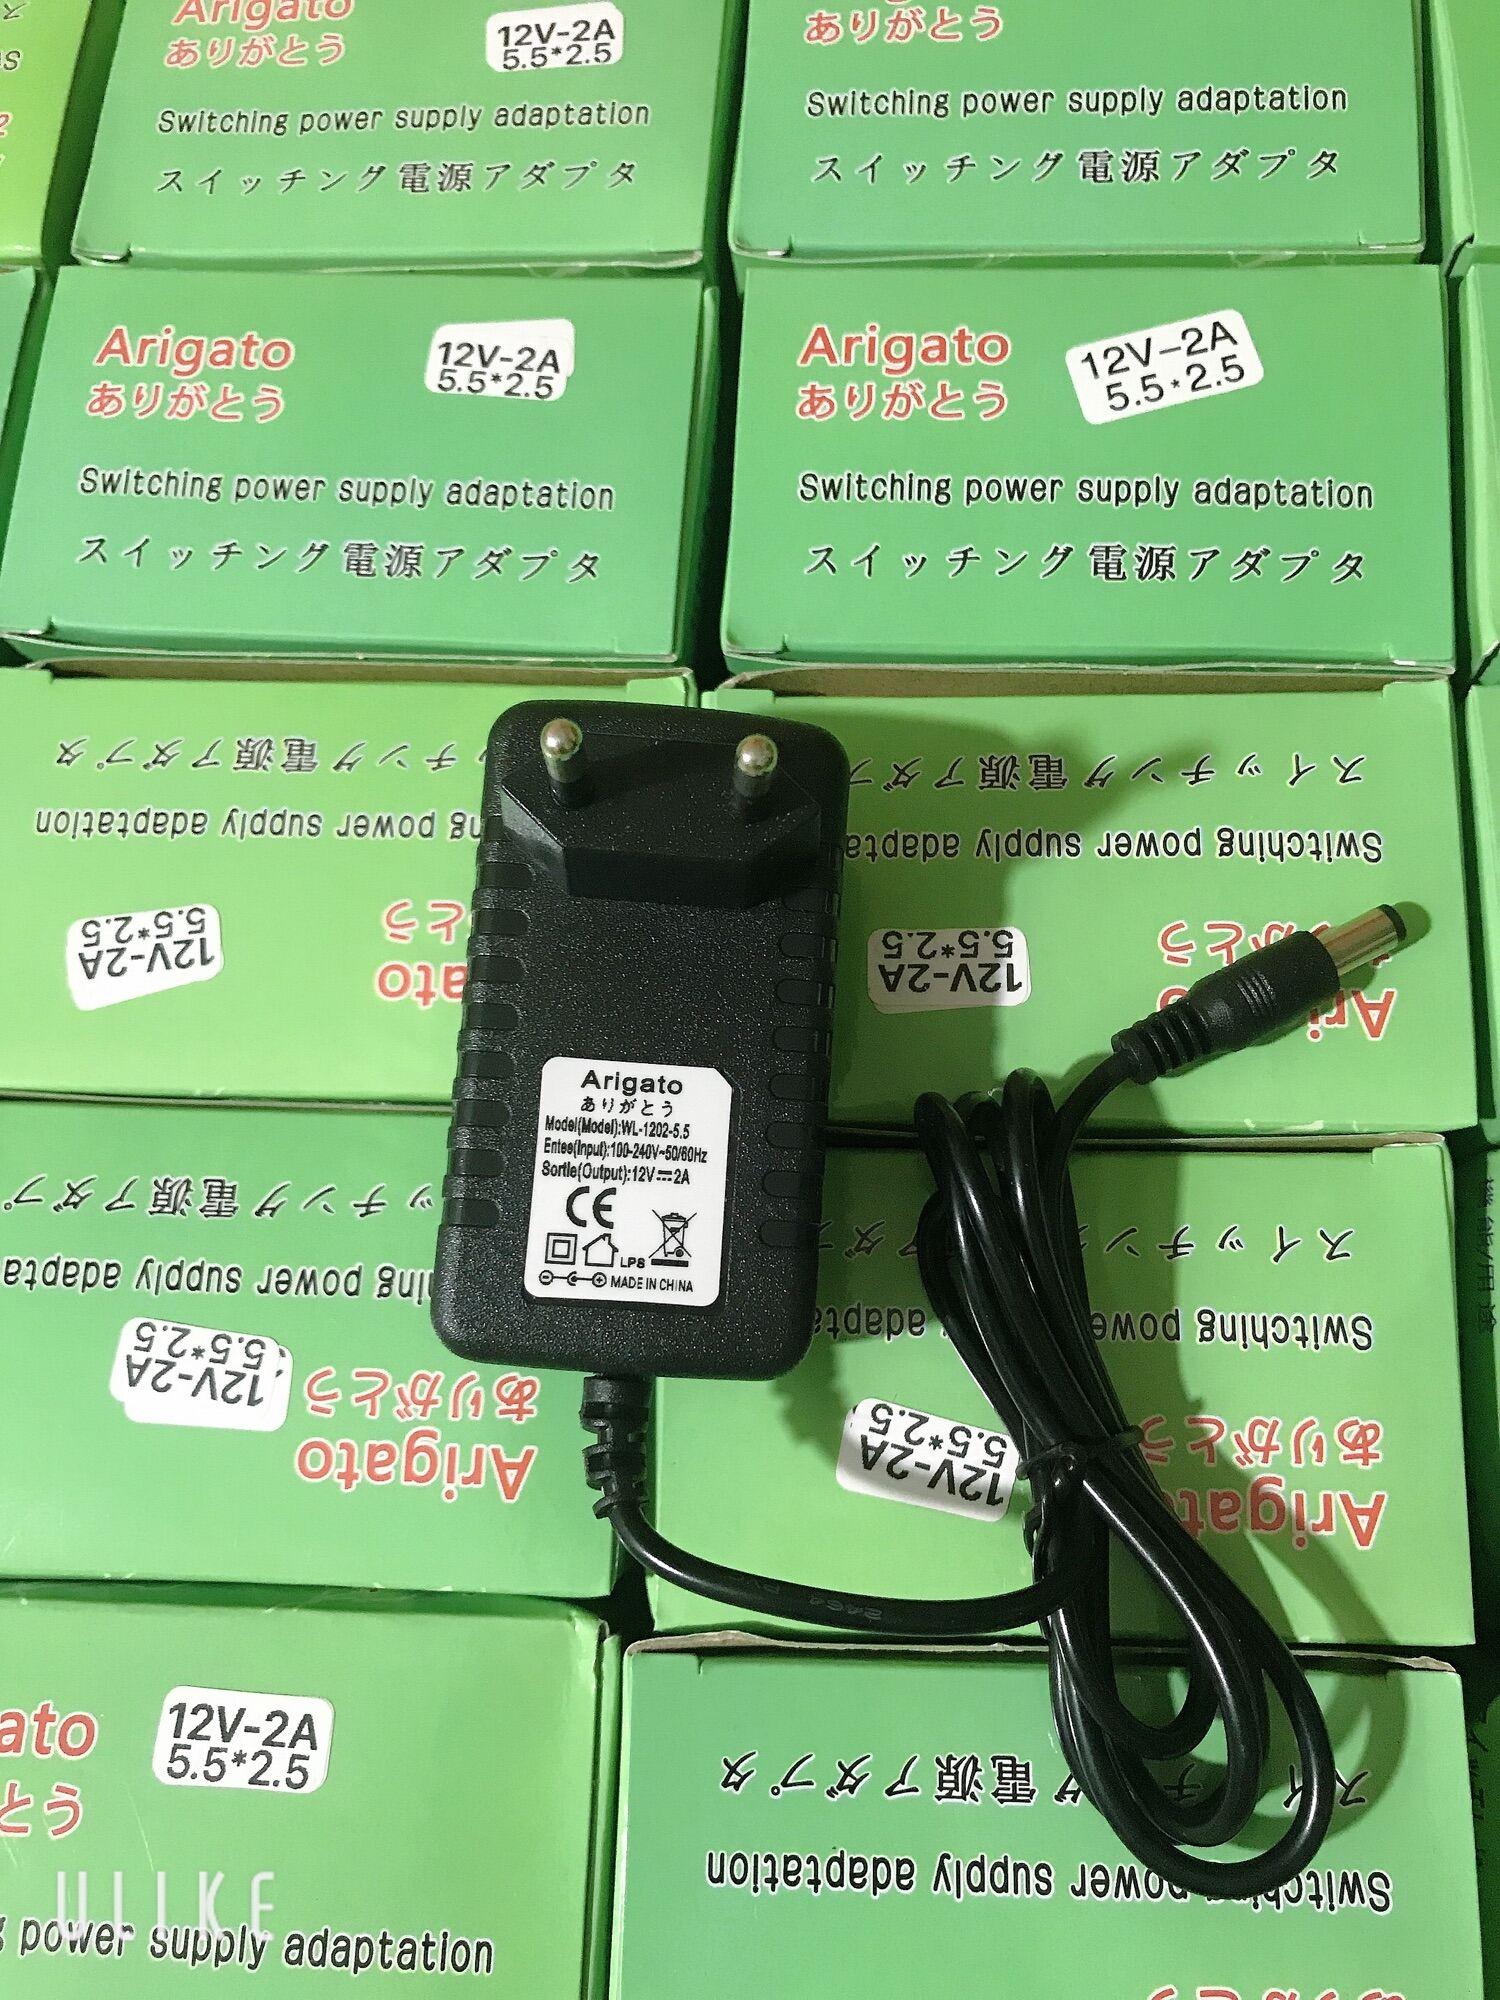 Nguồn 12v 2a chân to 5.5 dung cho camera và đèn led chất lượng đảm bảo an toàn đến sức...